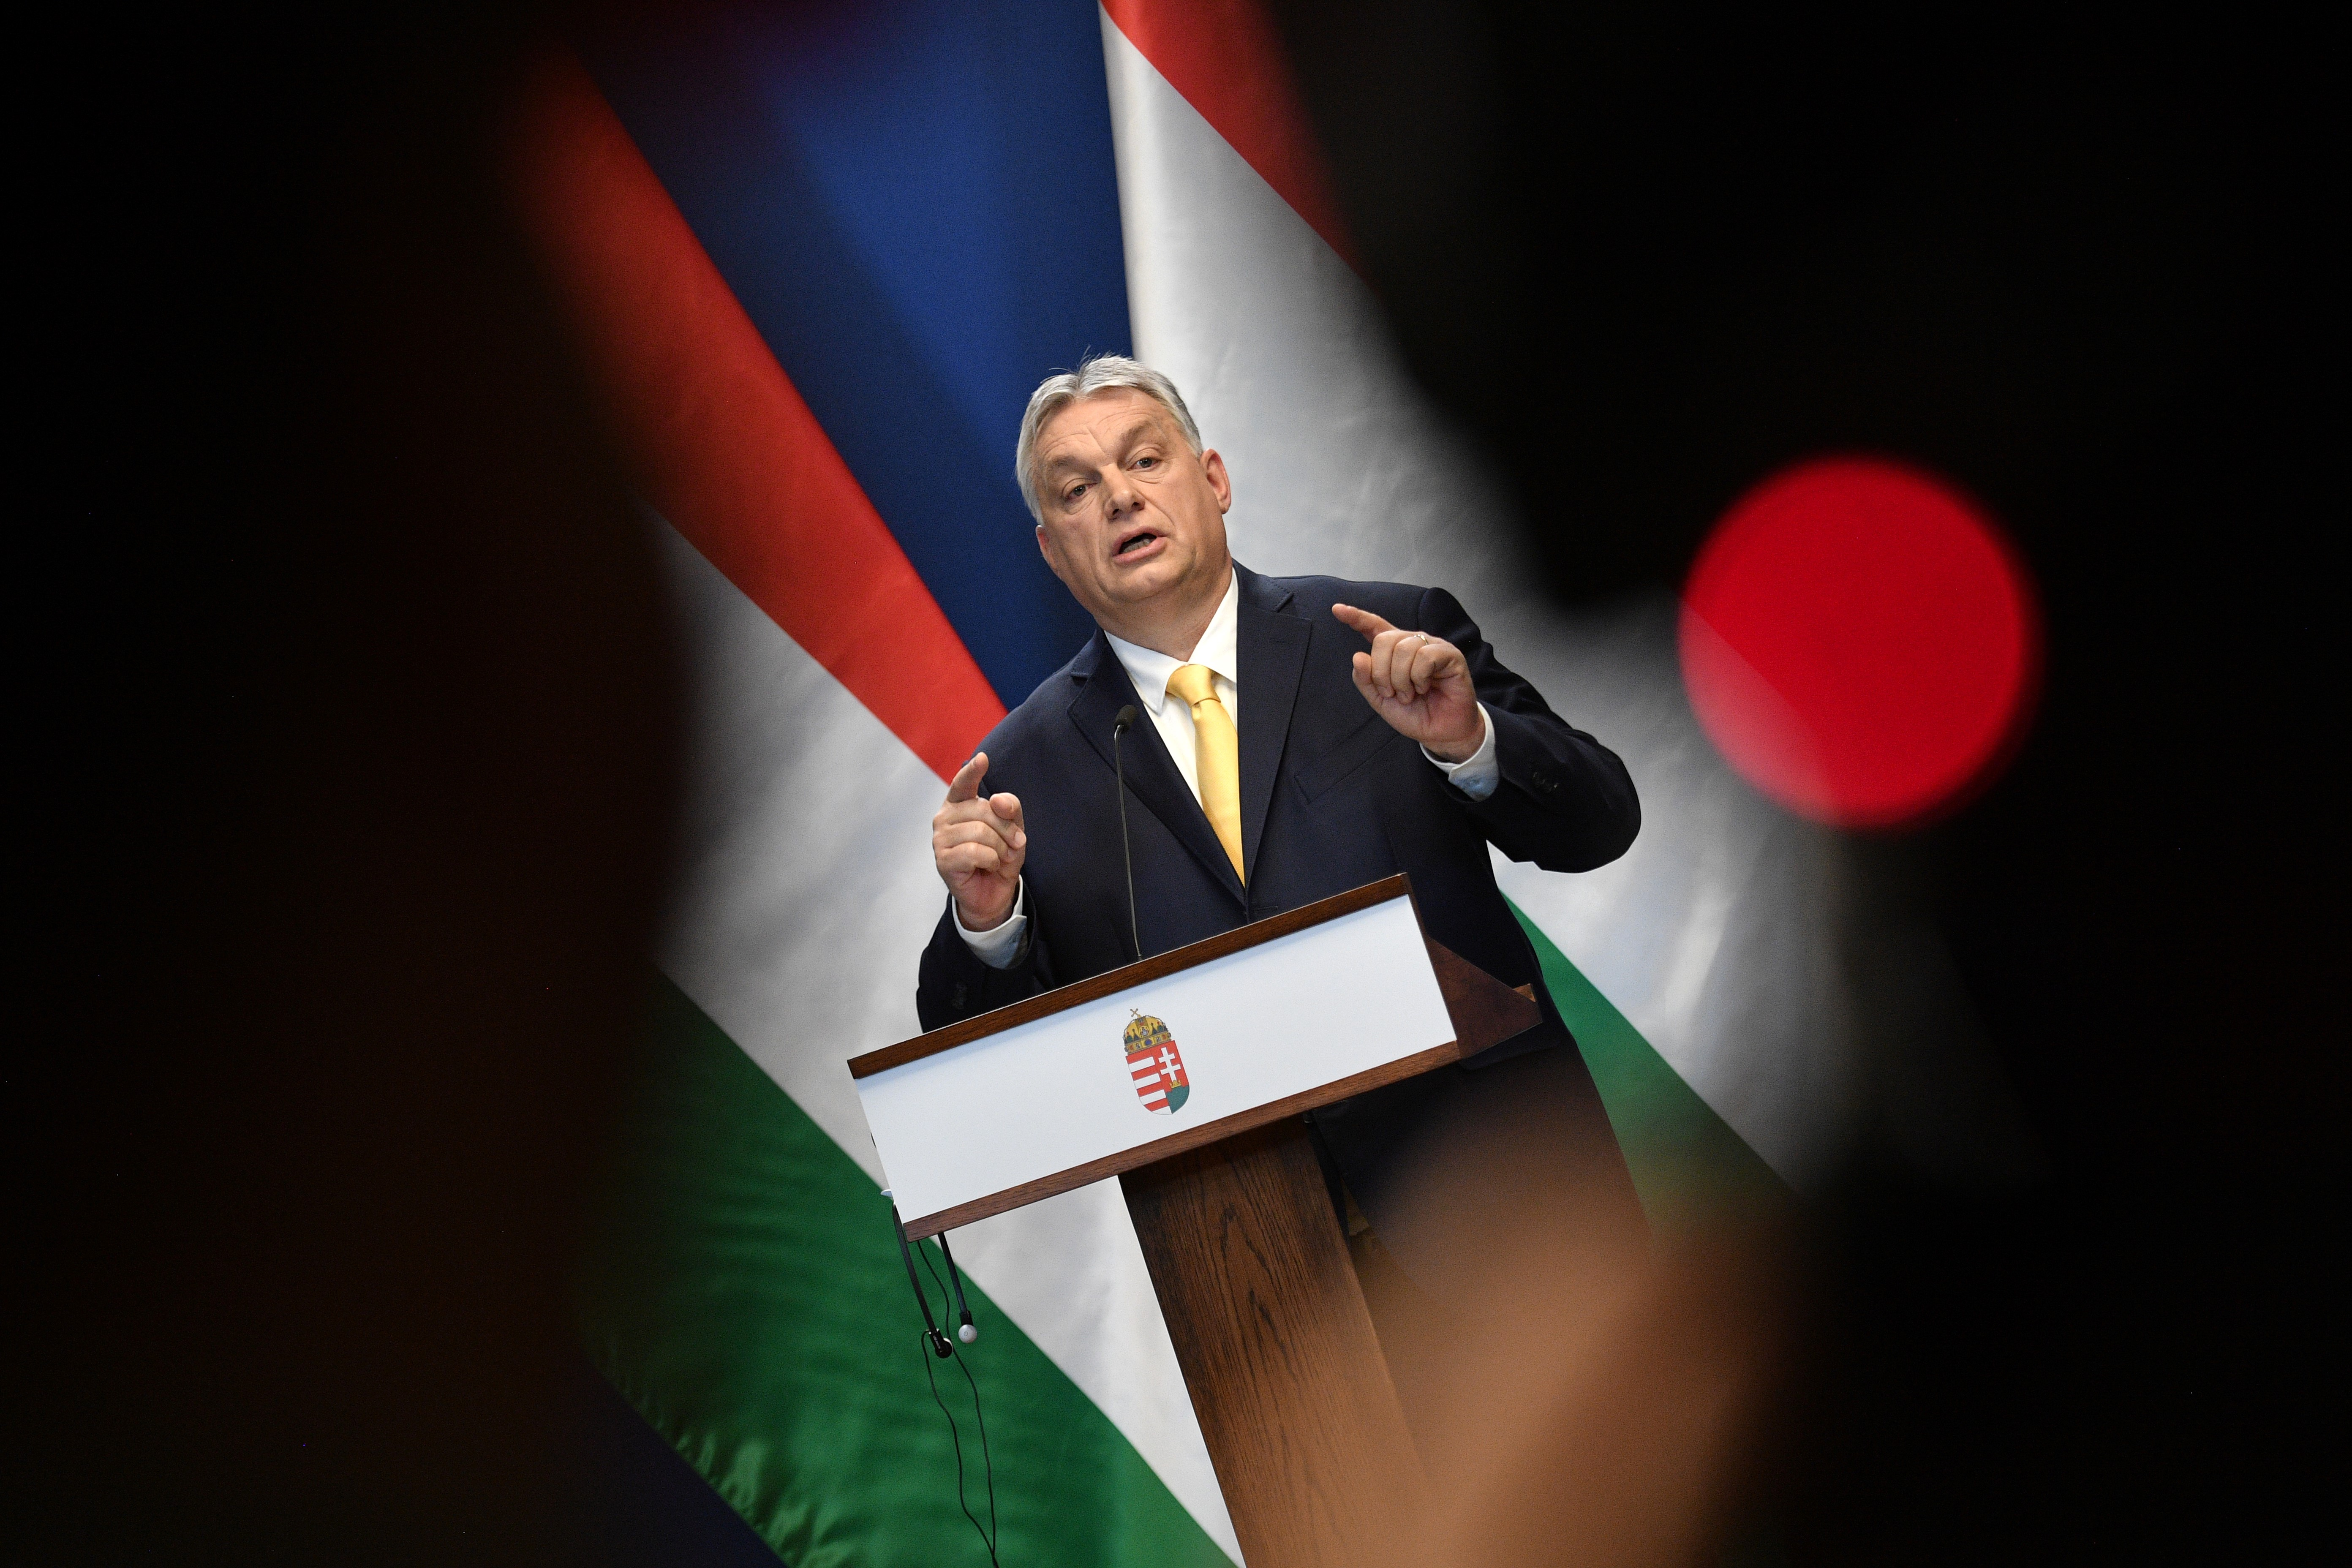 Orbán szerint igazságtalan, hogy kártérítést kaphatnak a roma gyerekek, akiket éveken át elkülönítettek az iskolában